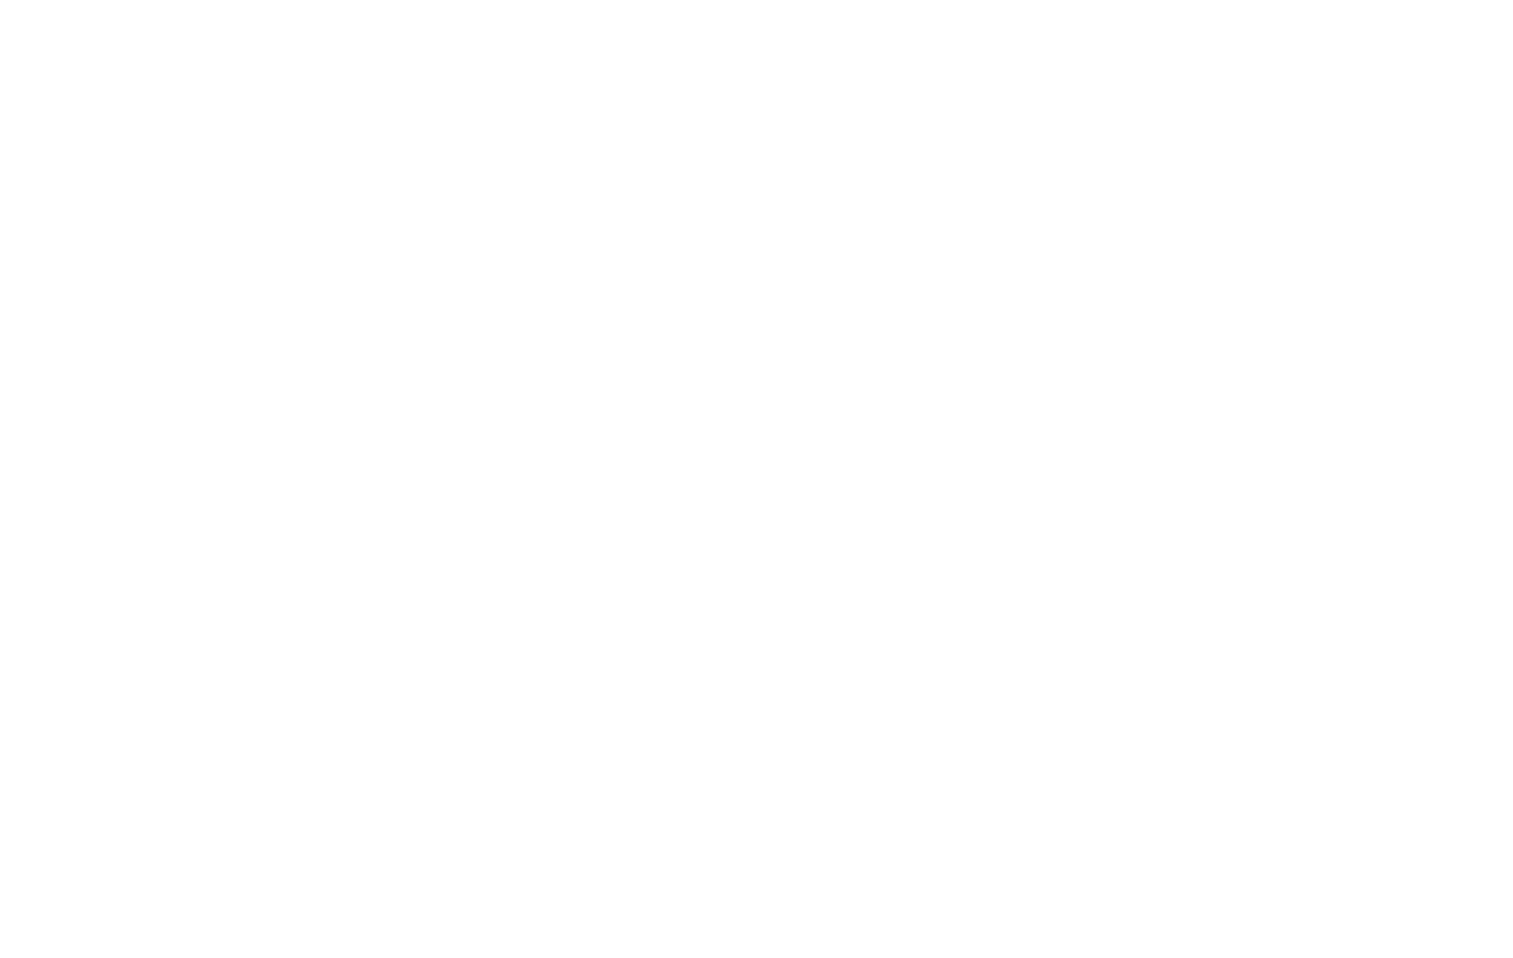 Bayu Work & Supply